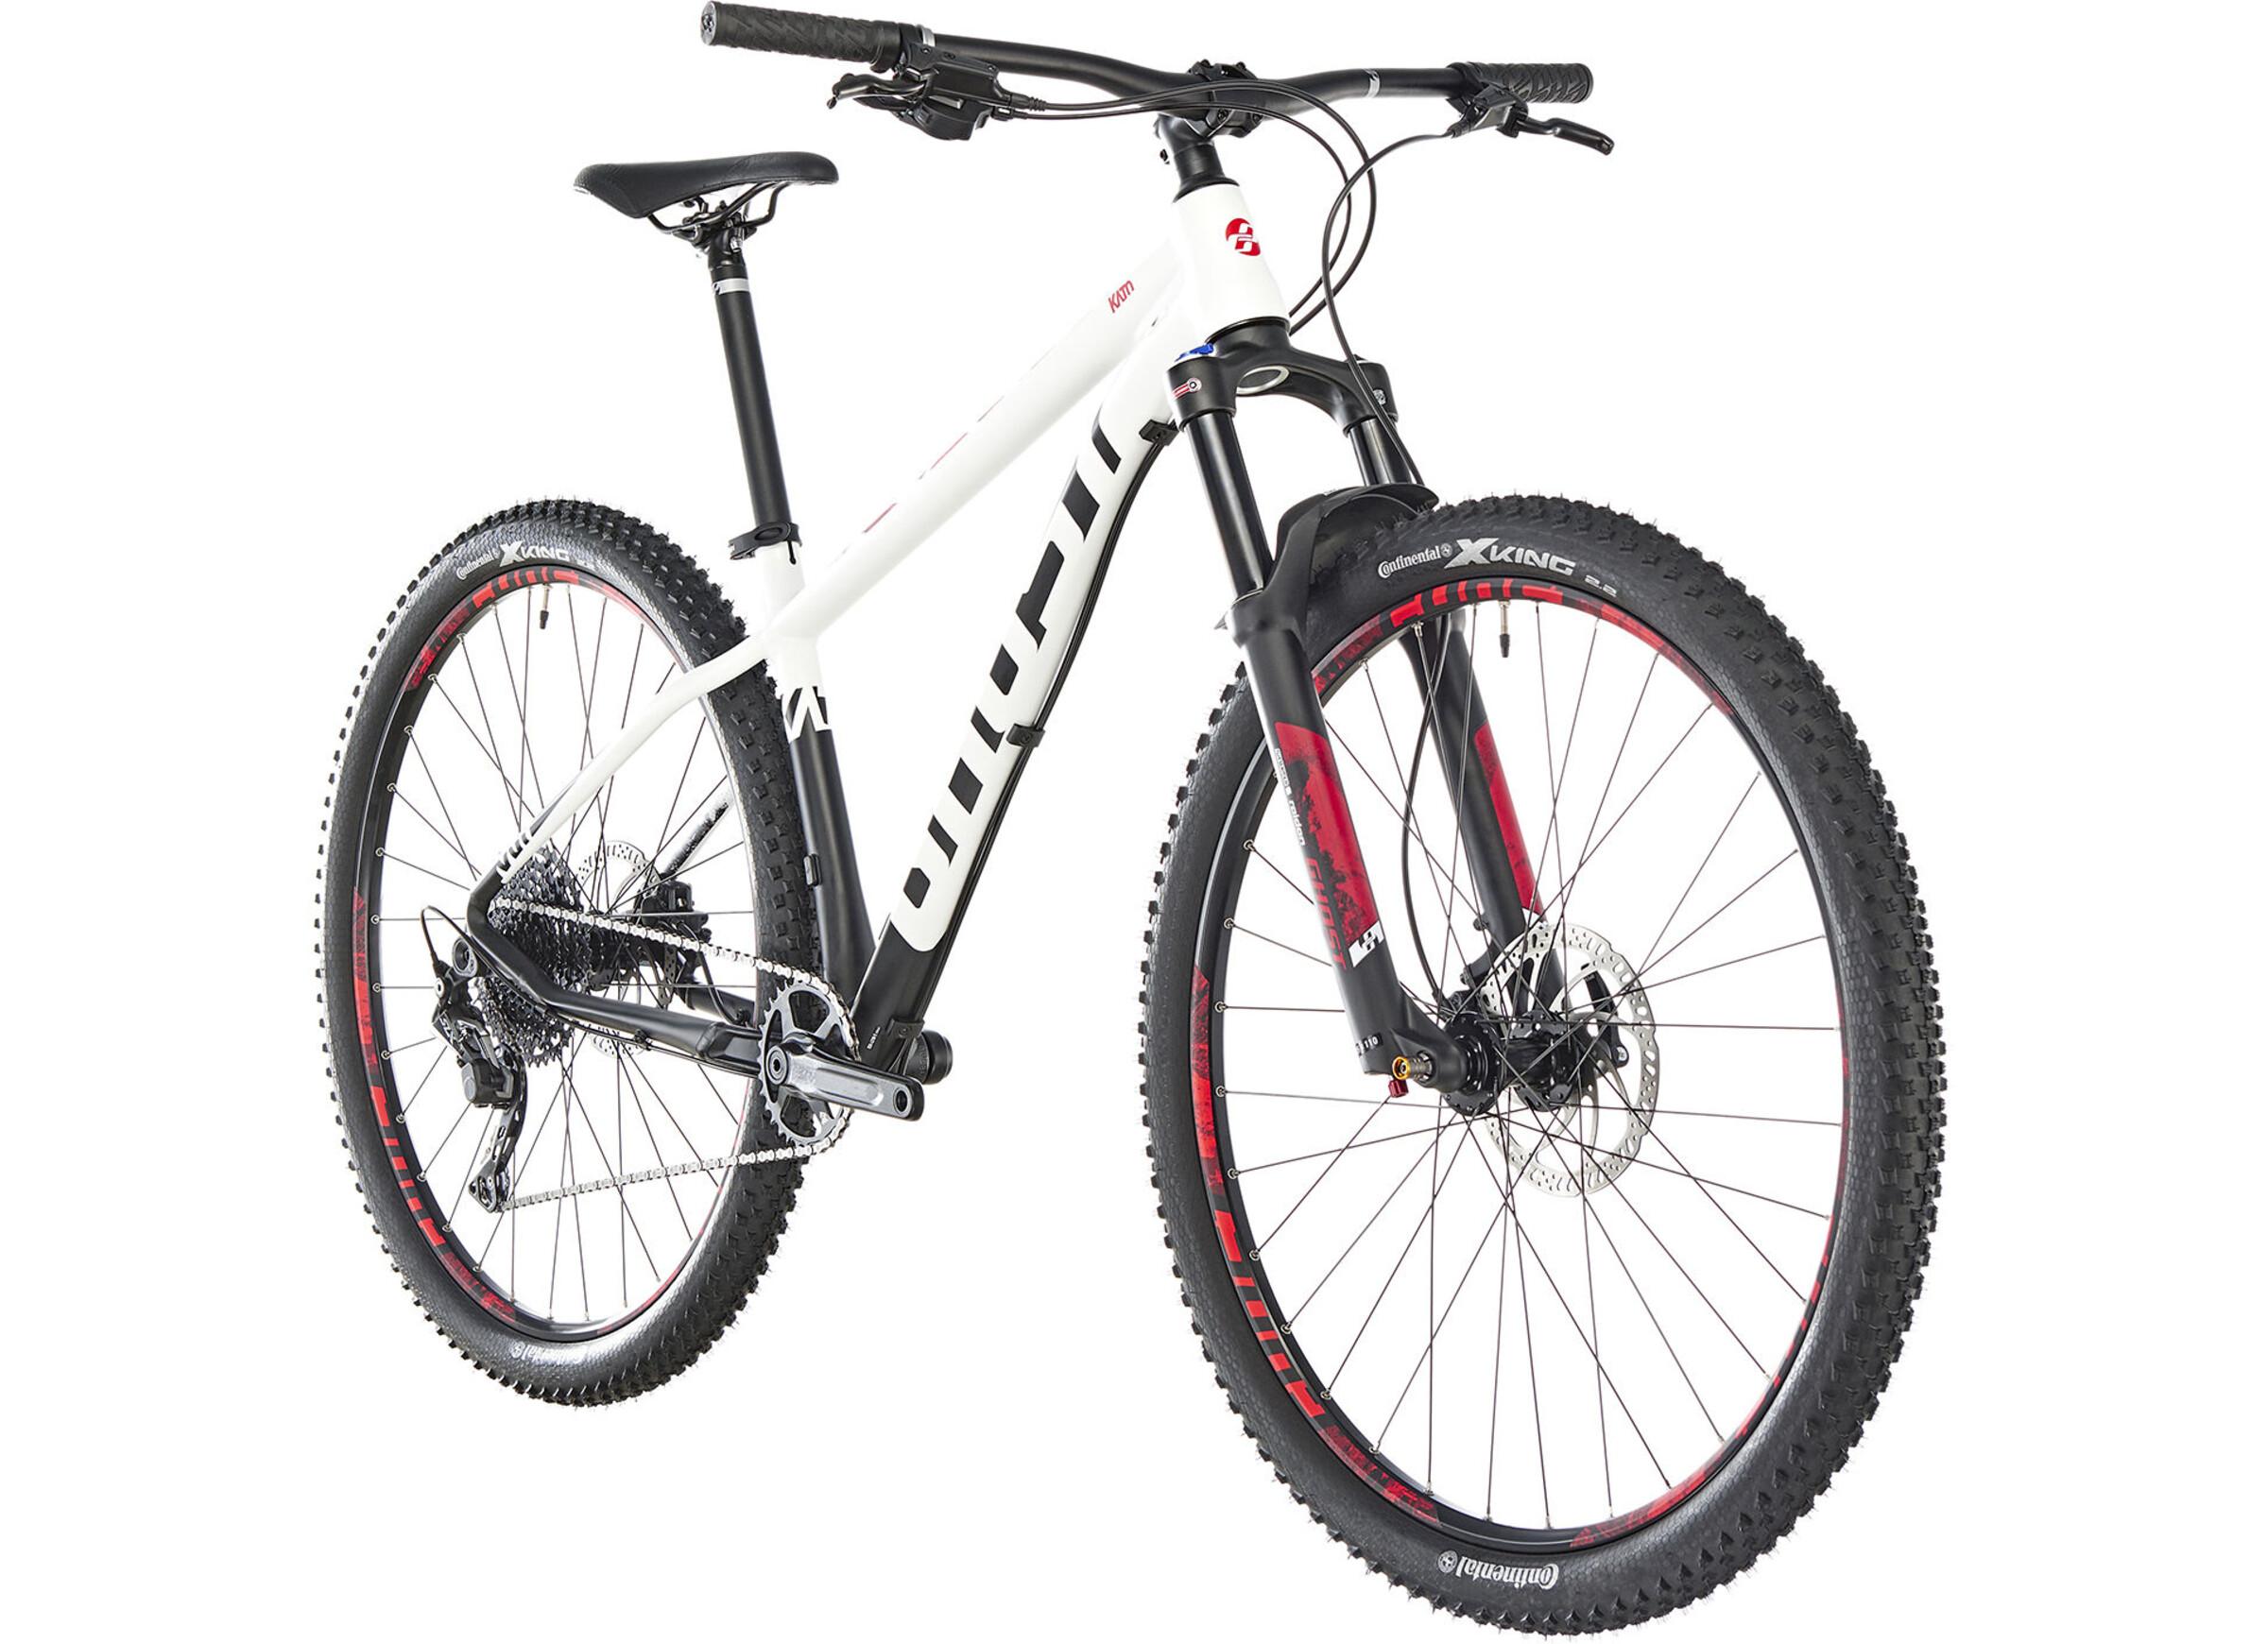 Ghost Kato X 4.9 AL 29 MTB Hardtail hvid | Find cykeltilbehør på nettet | Bikester.dk